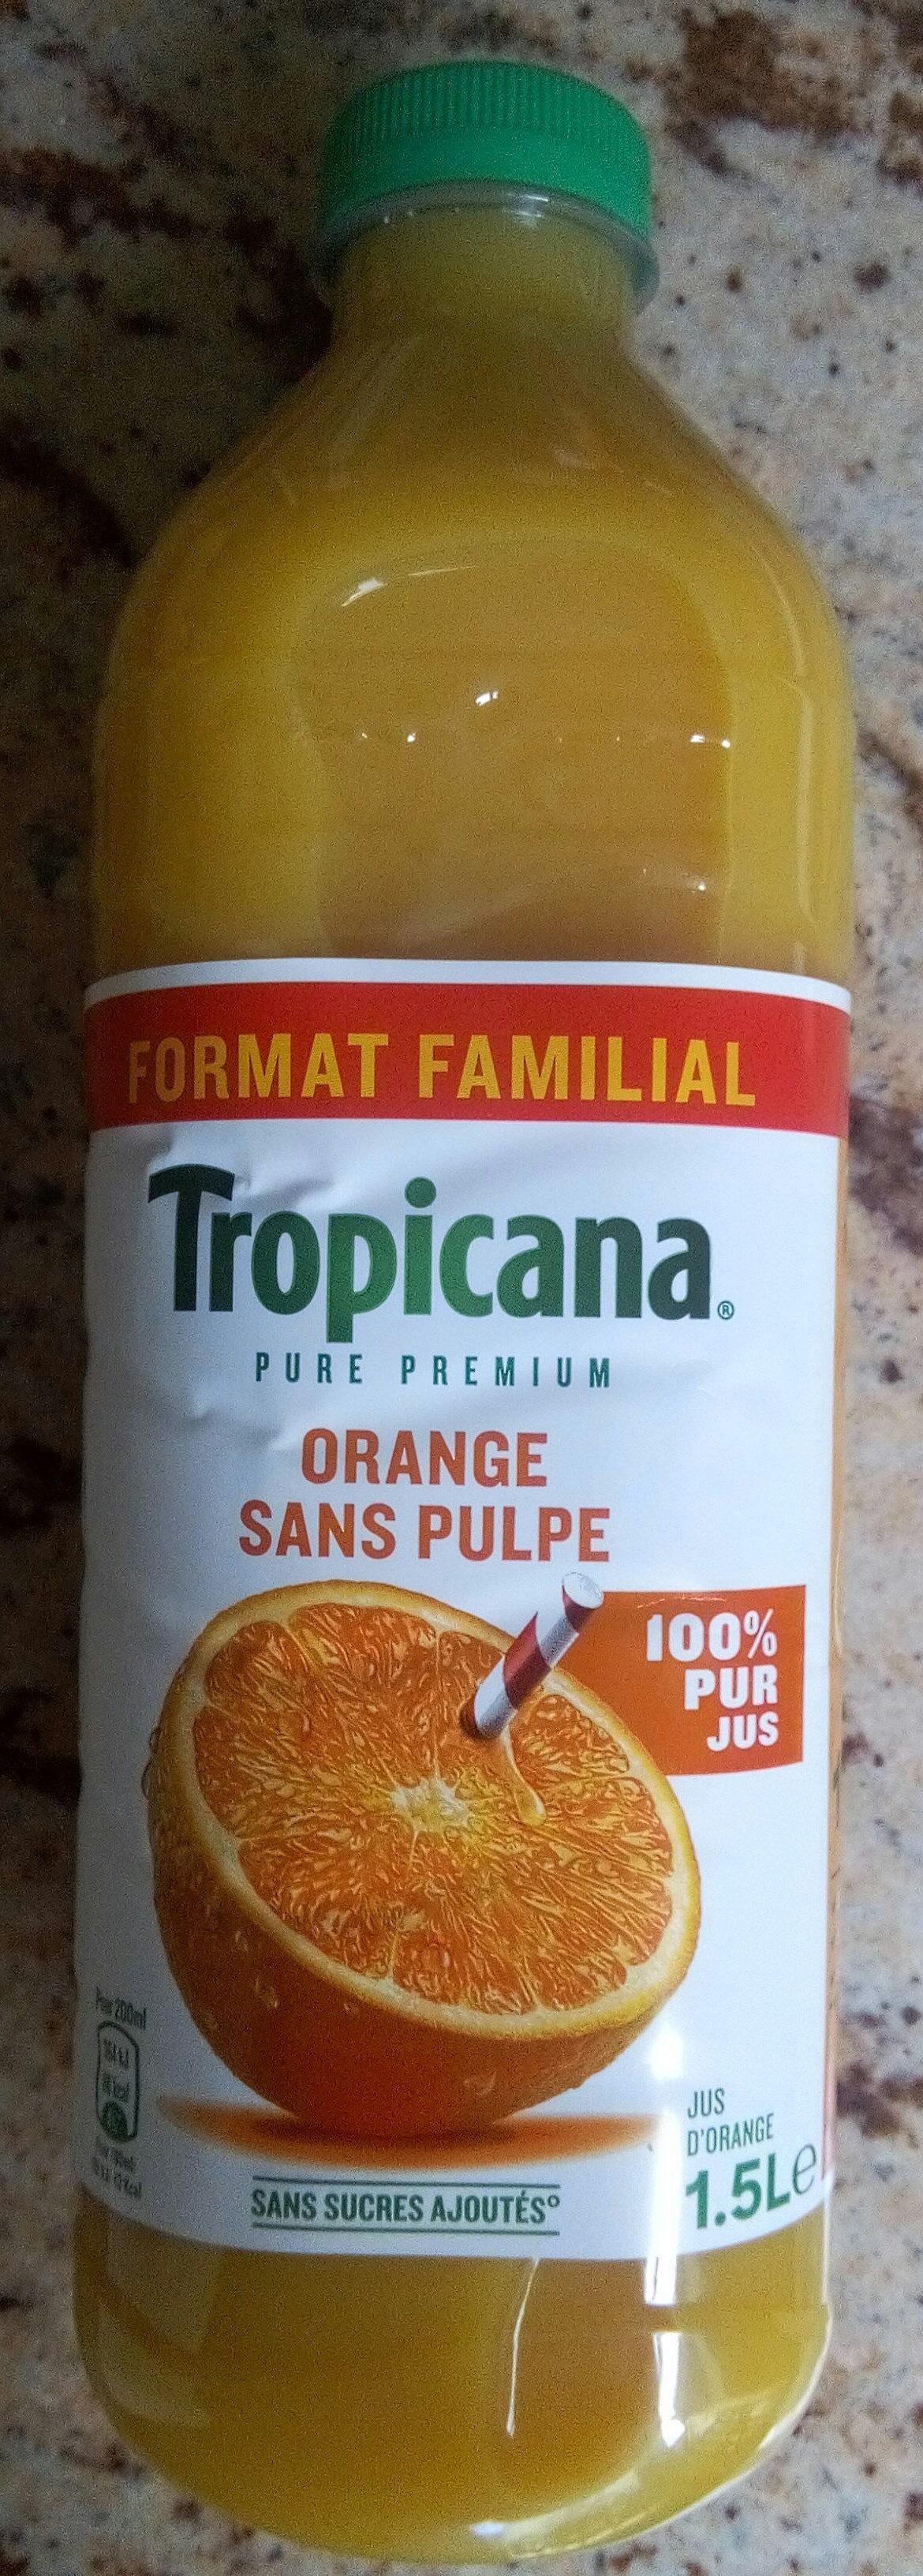 Jus d'orange Pur Premium sans pulpe - Prodotto - fr